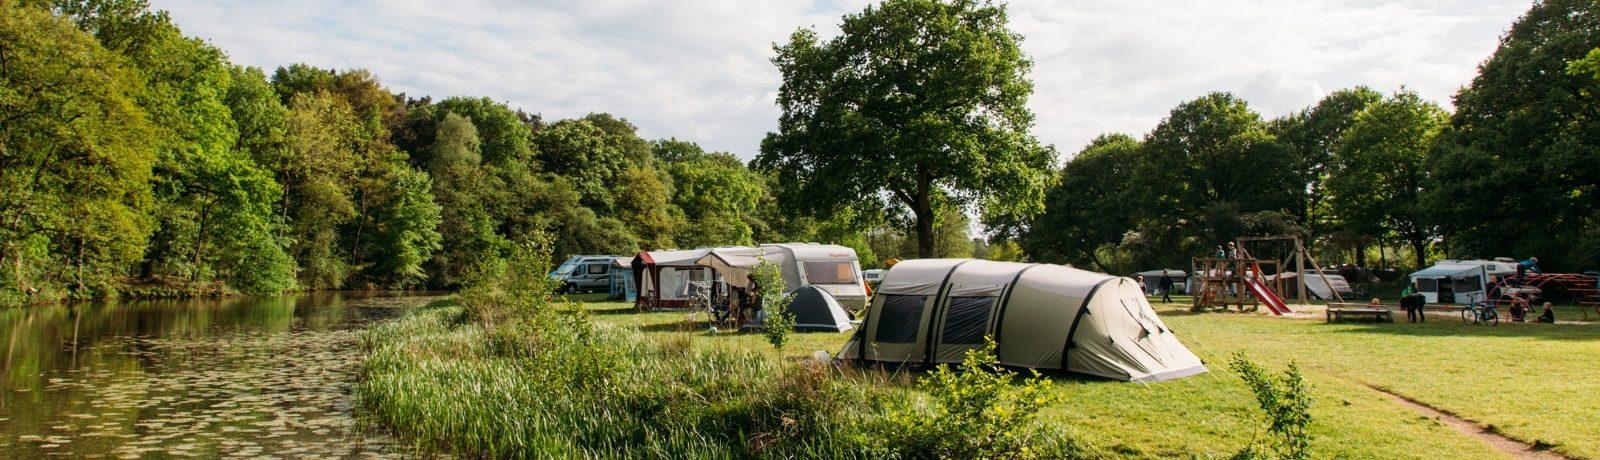 Natuurbelevenis in een van de meest schilderachtige natuurgebieden van Nederland. Verblijf in een comfortabel chalet of met uw eigen uitrusting (tent, caravan, camper).